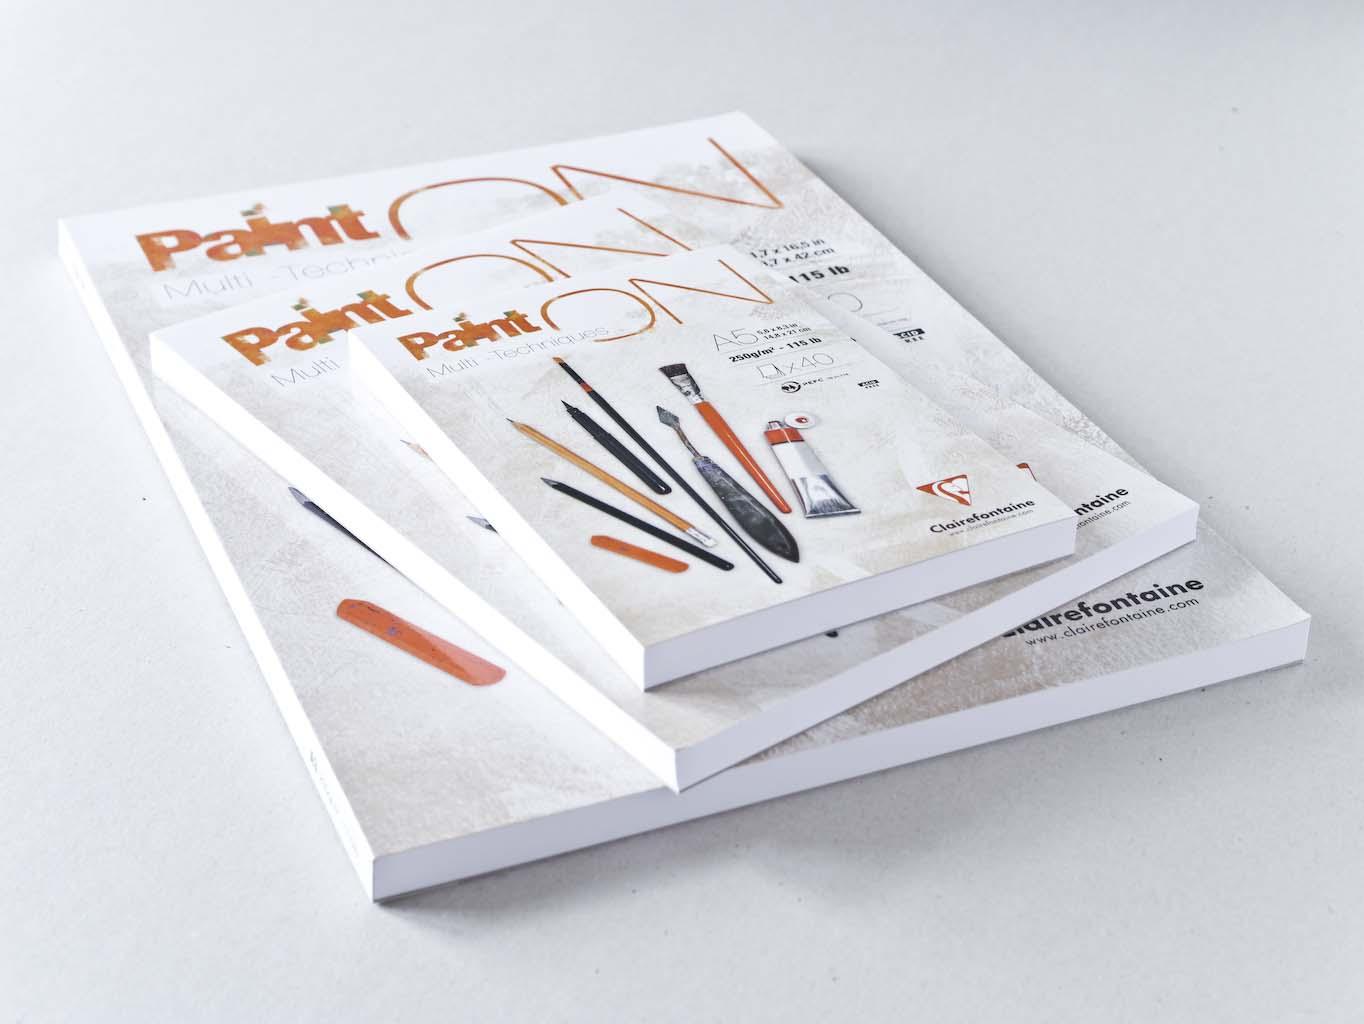 Papir & Blokke